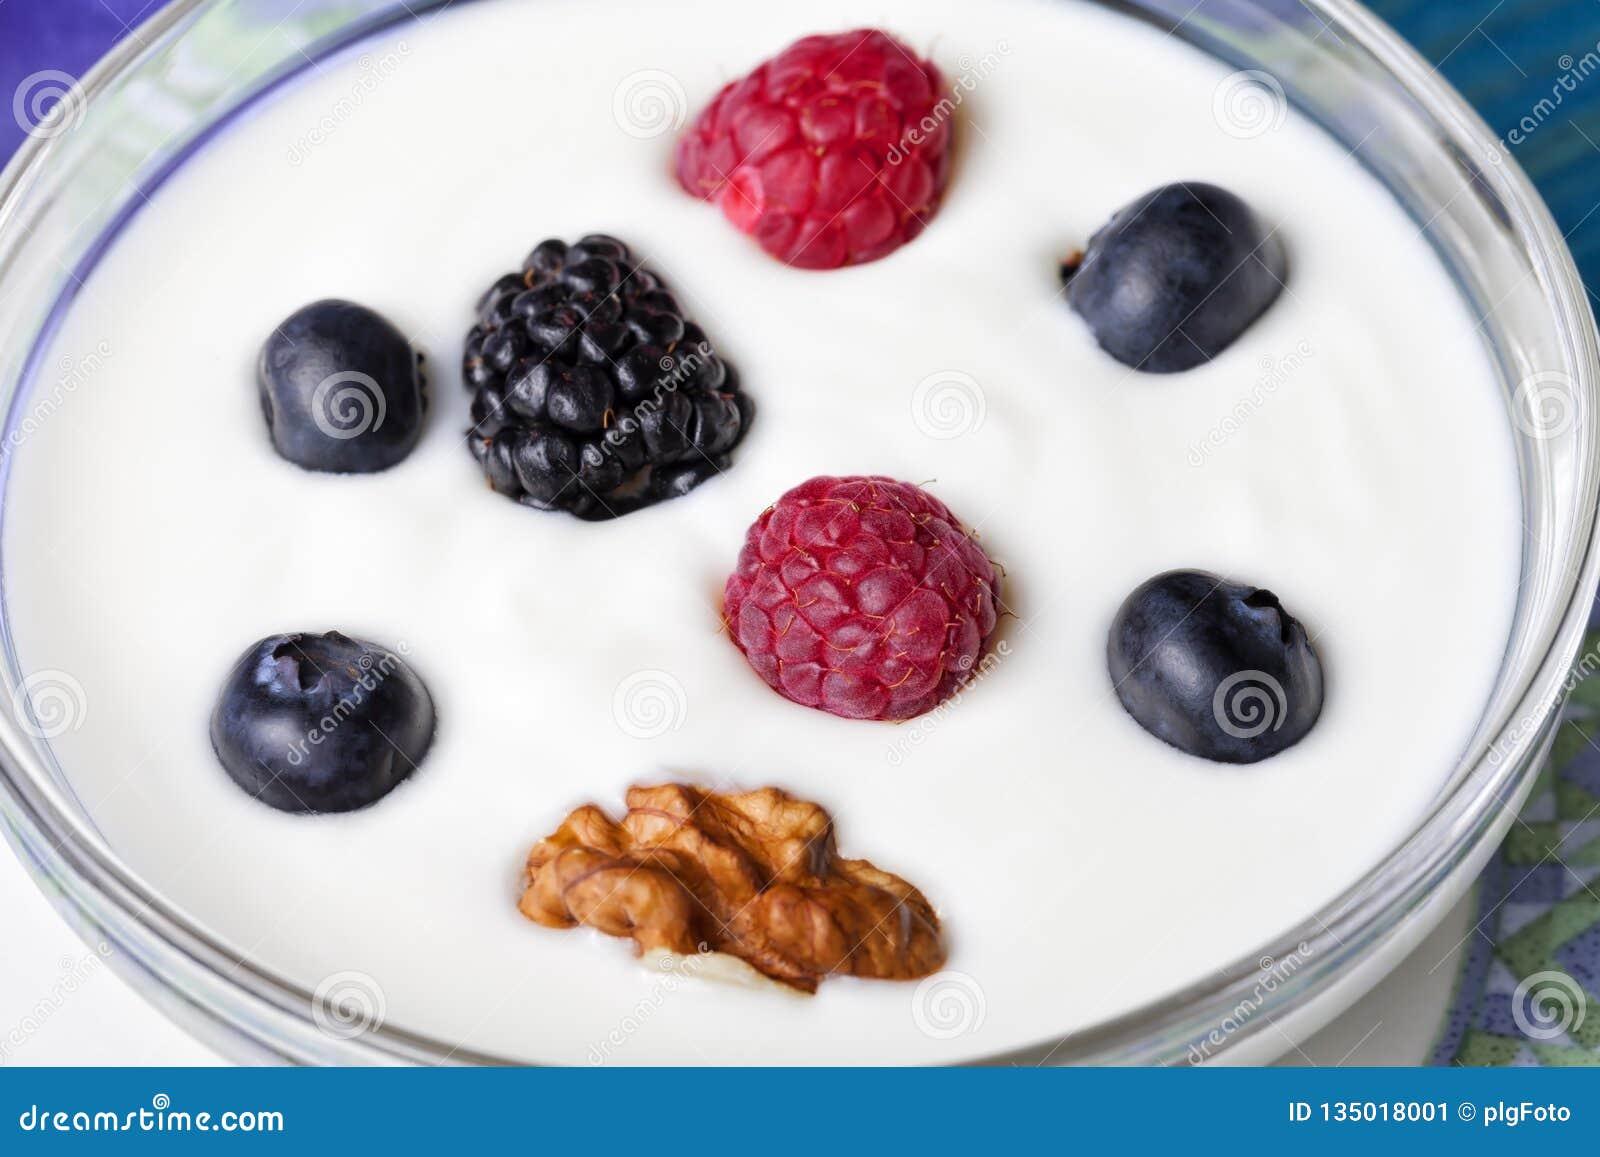 Een kom yoghurt met bosbessenredcurrants braambessen en okkernoten